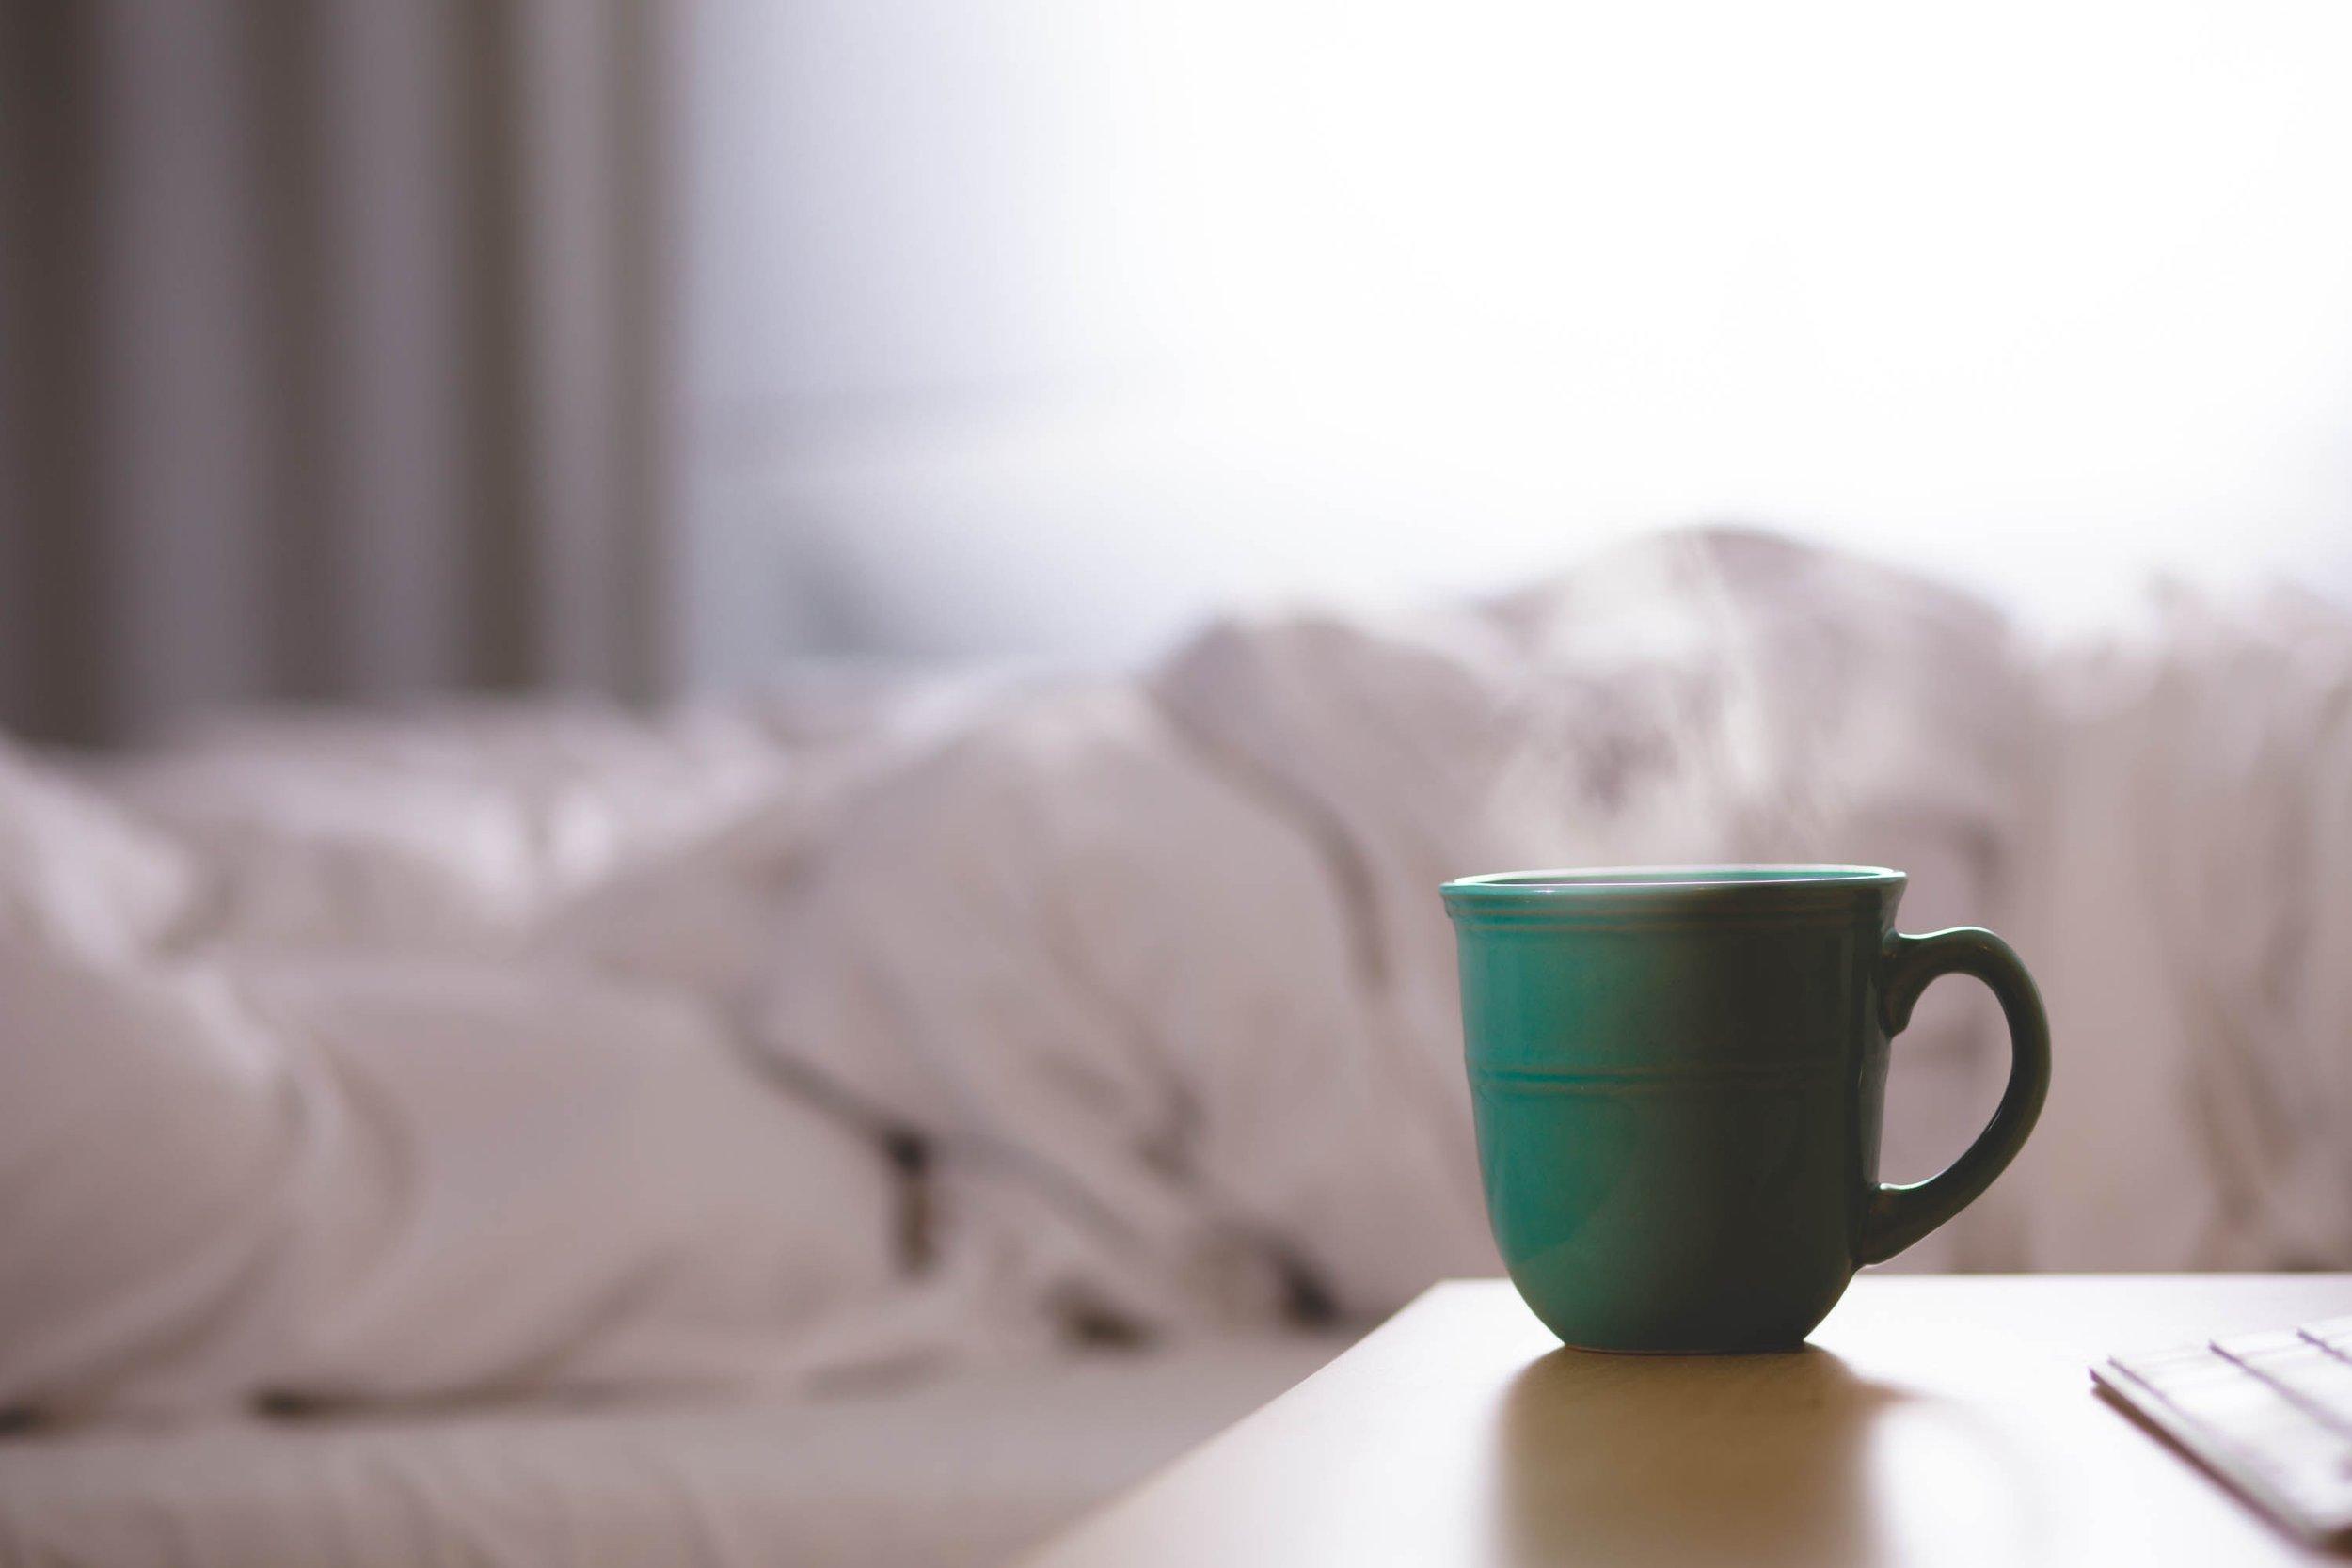 Mug and Bed